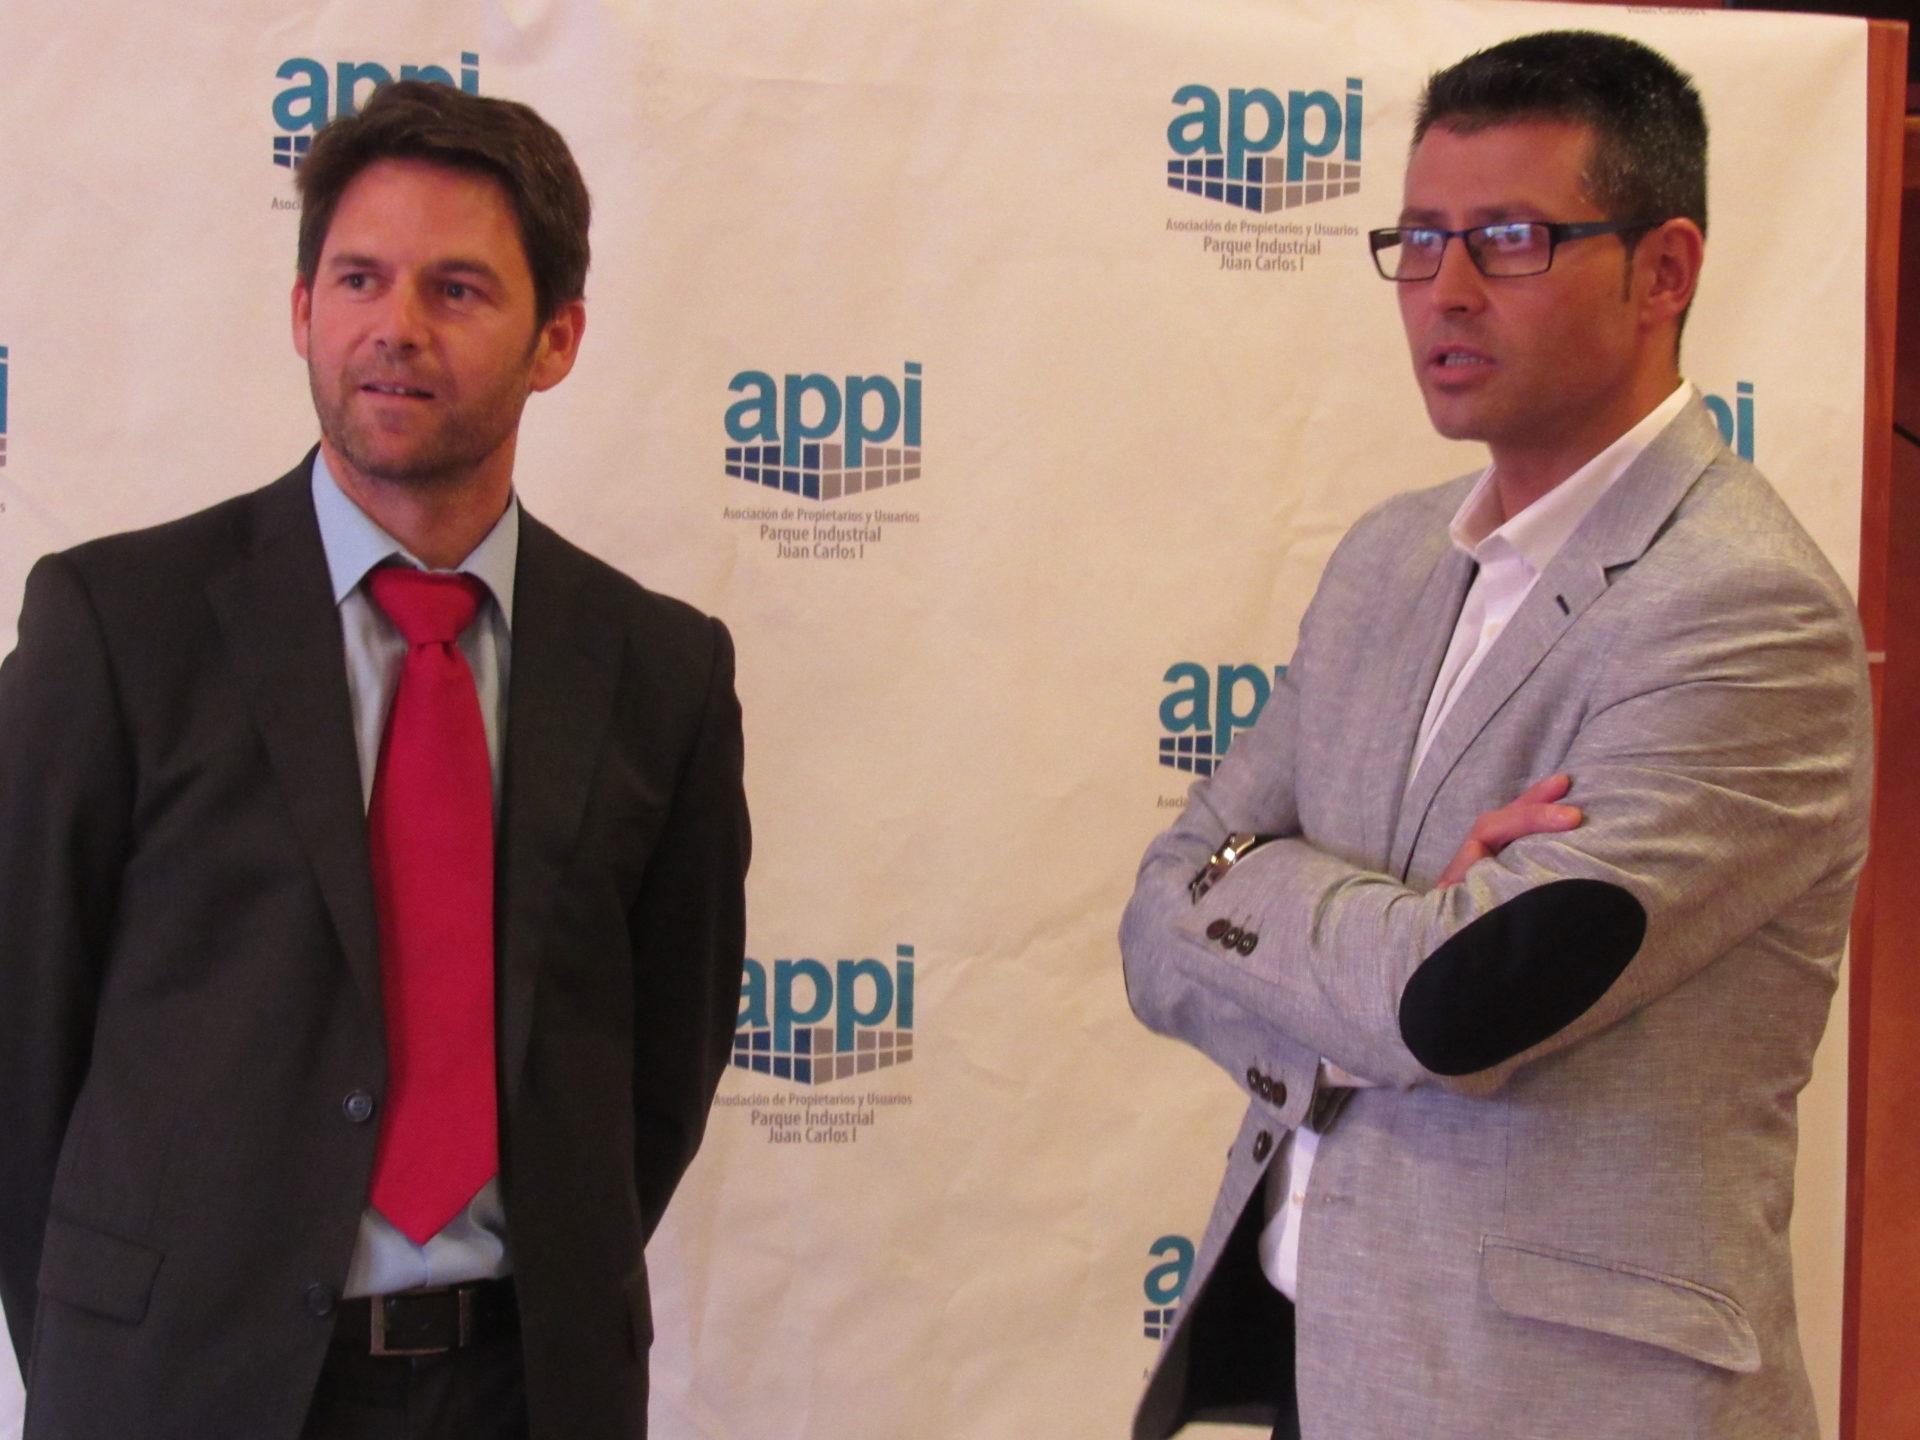 Éxito rotundo en la reunión organizada por APPI (Parque de Proveedores Juan Carlos I) con el alcalde de Almussafes.